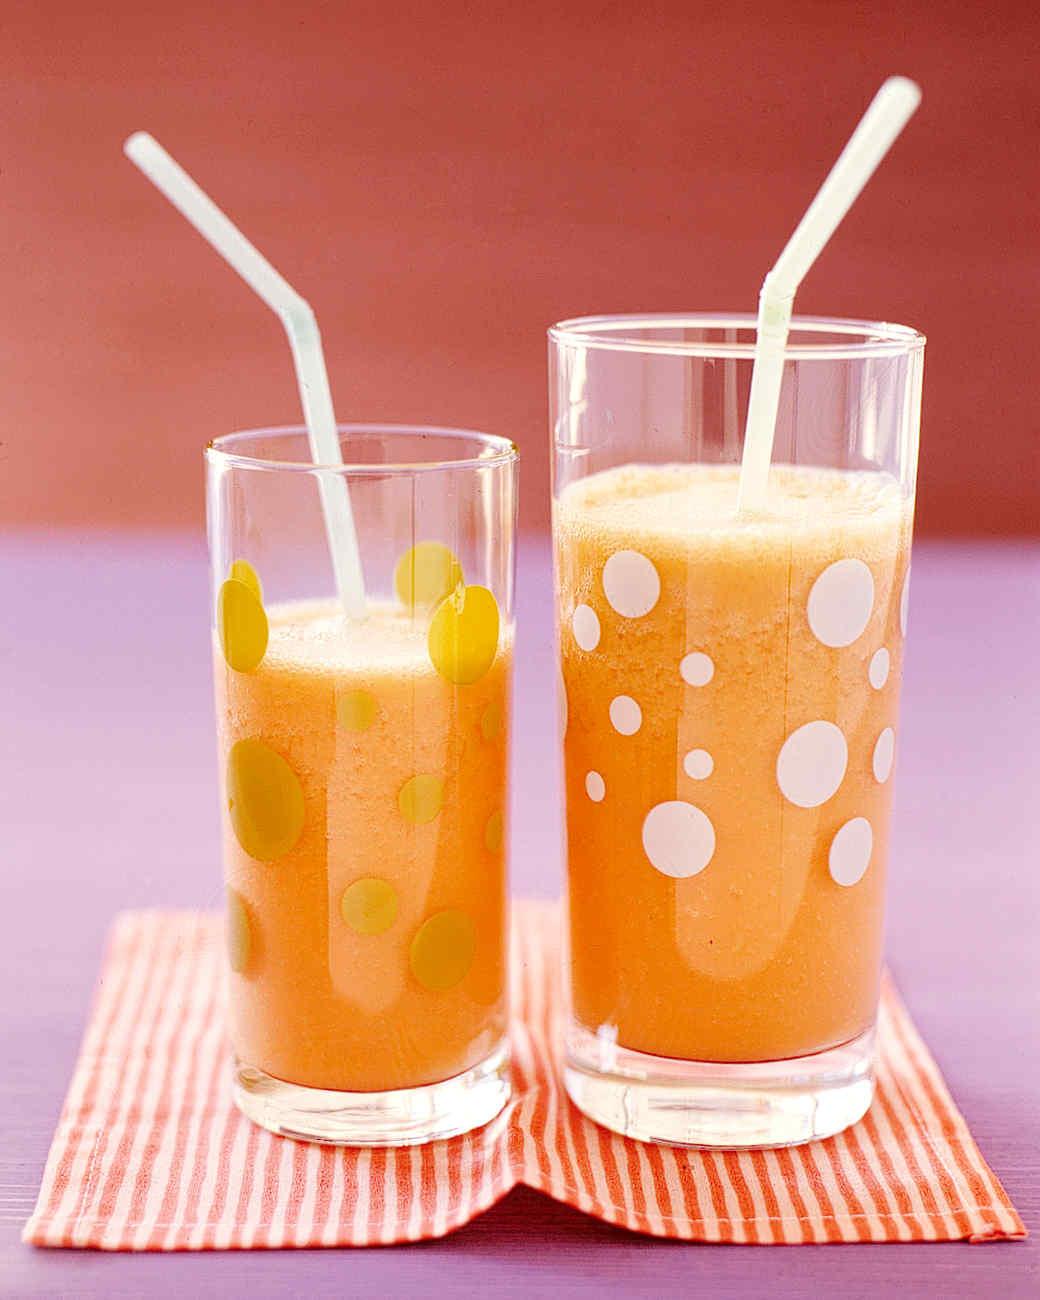 Mango-Carrot Smoothie